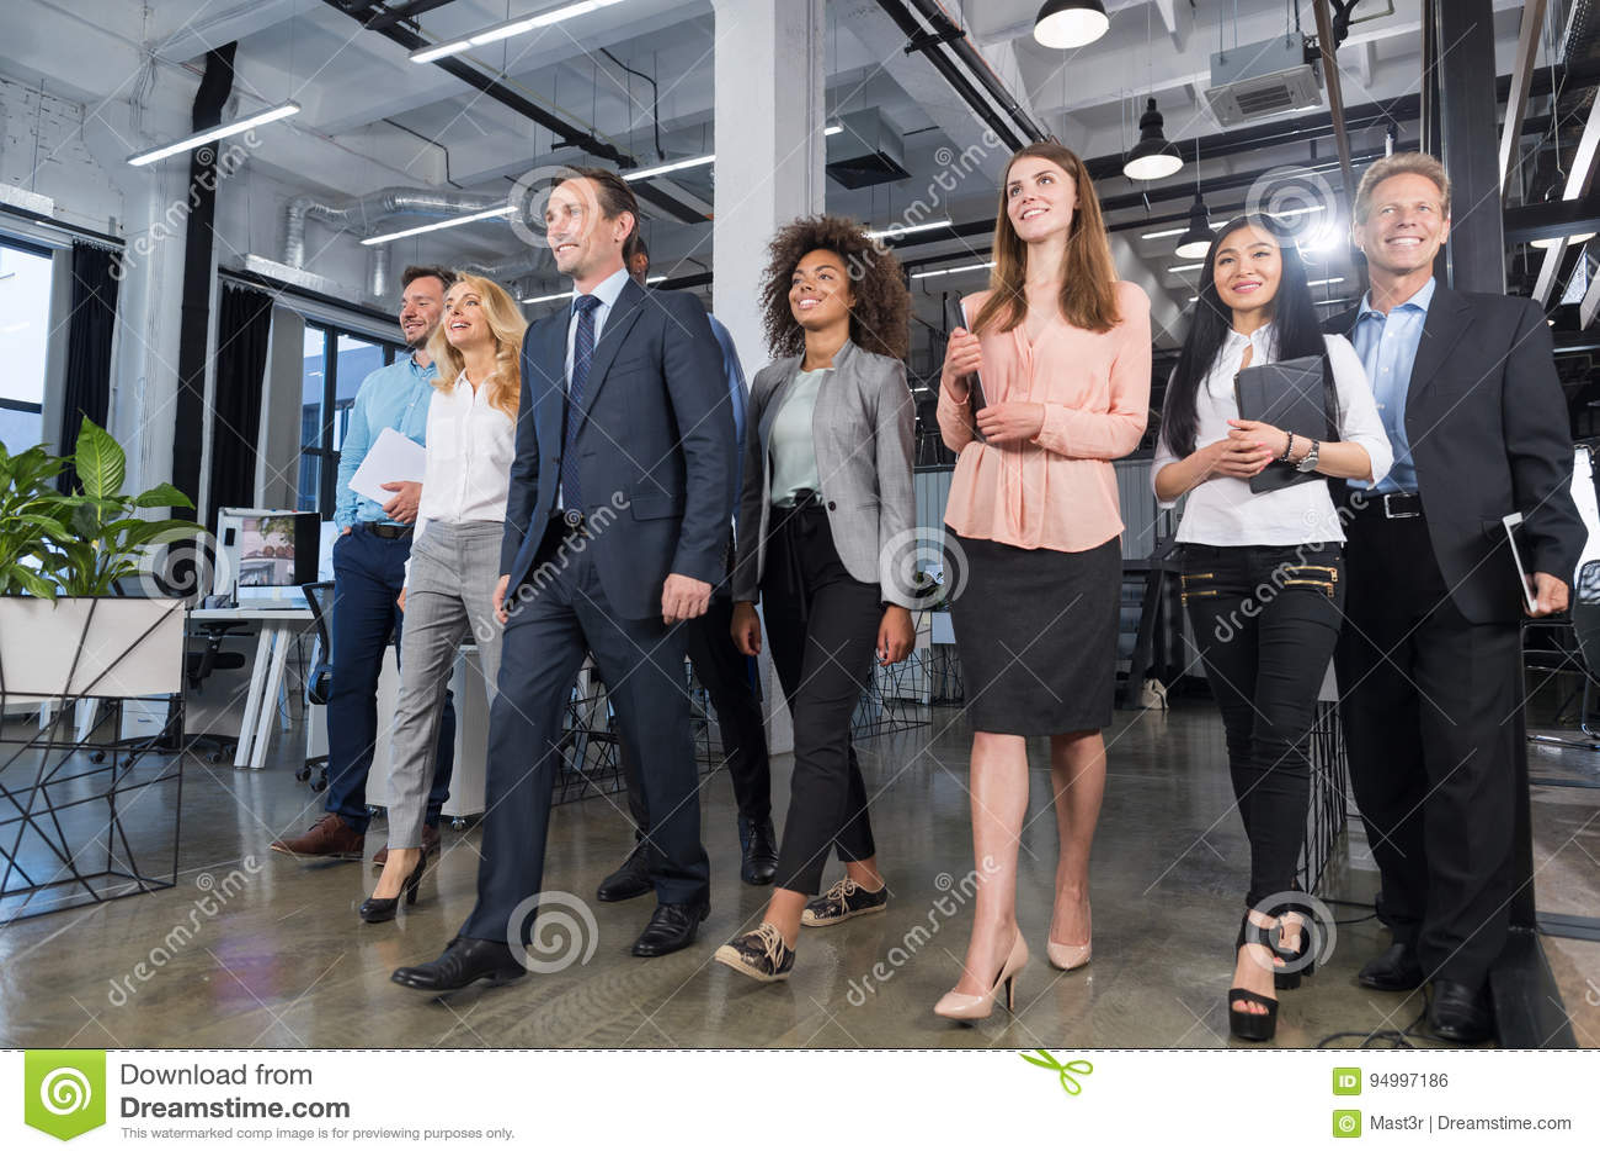 Полнометражные бизнесмены команды идя в современный офис, уверенно бизнесменов и коммерсанток в костюмах разнообразных с